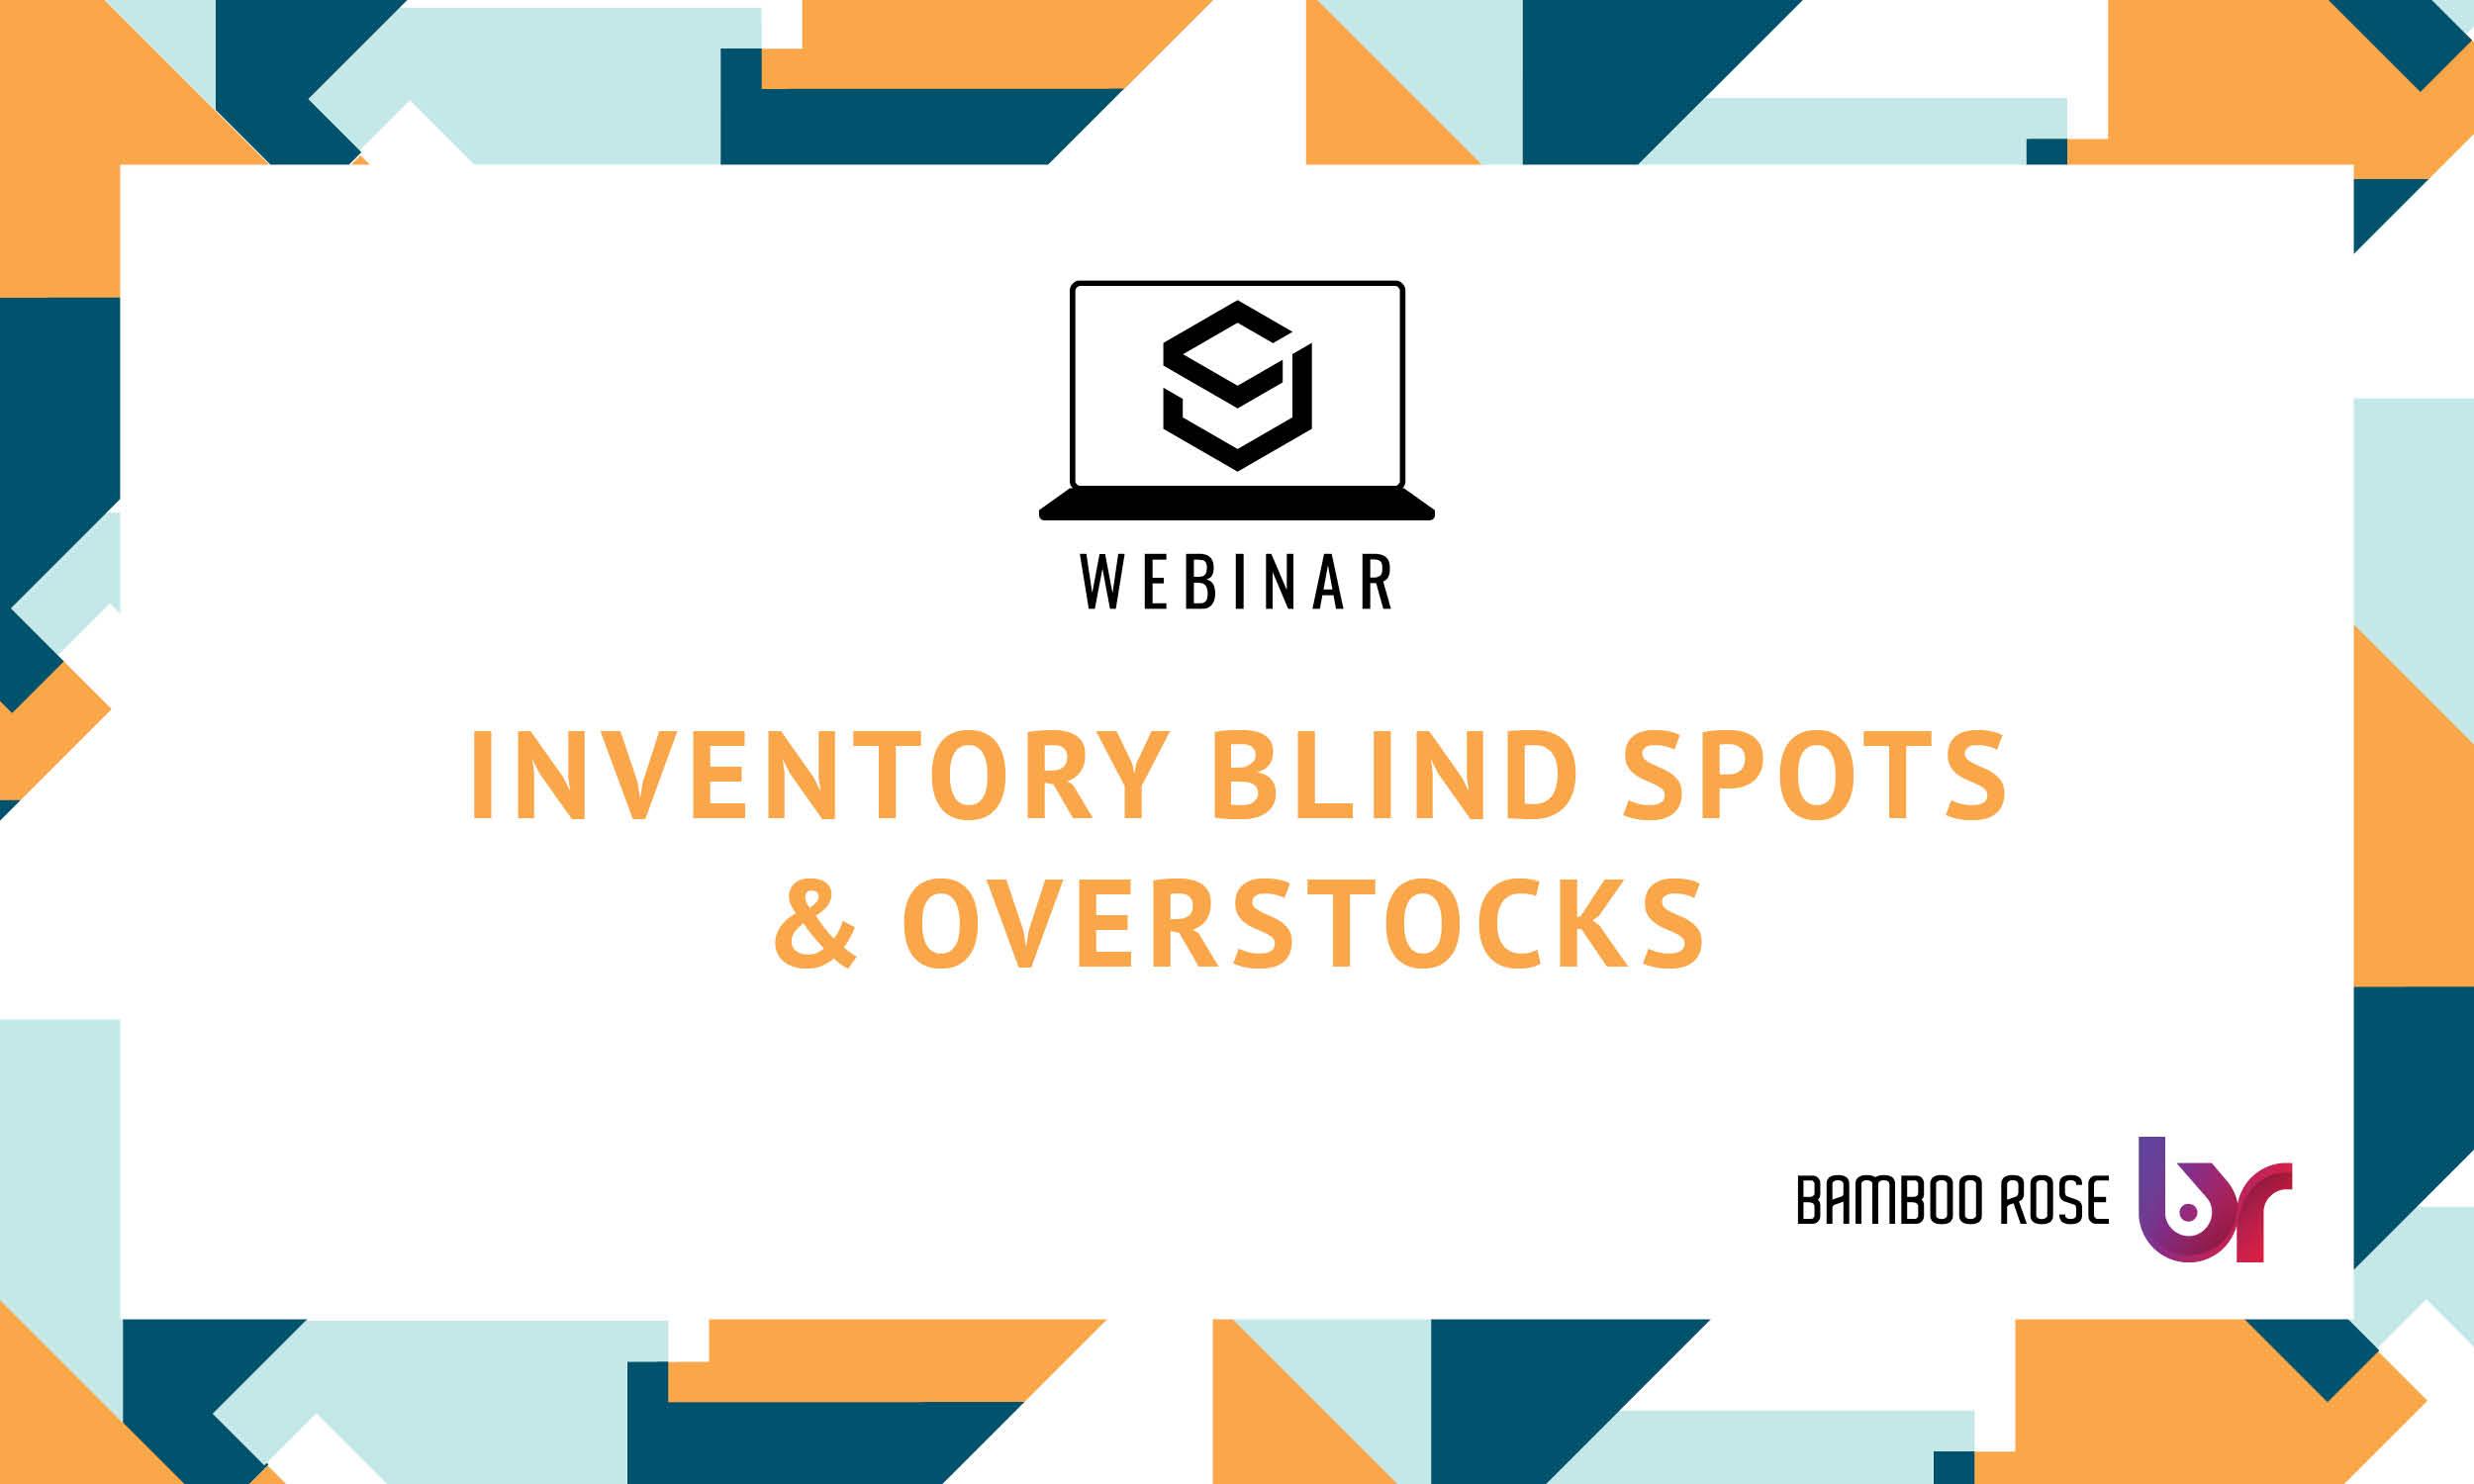 SJ Webinar: Inventory Blind Spots & Overstocks